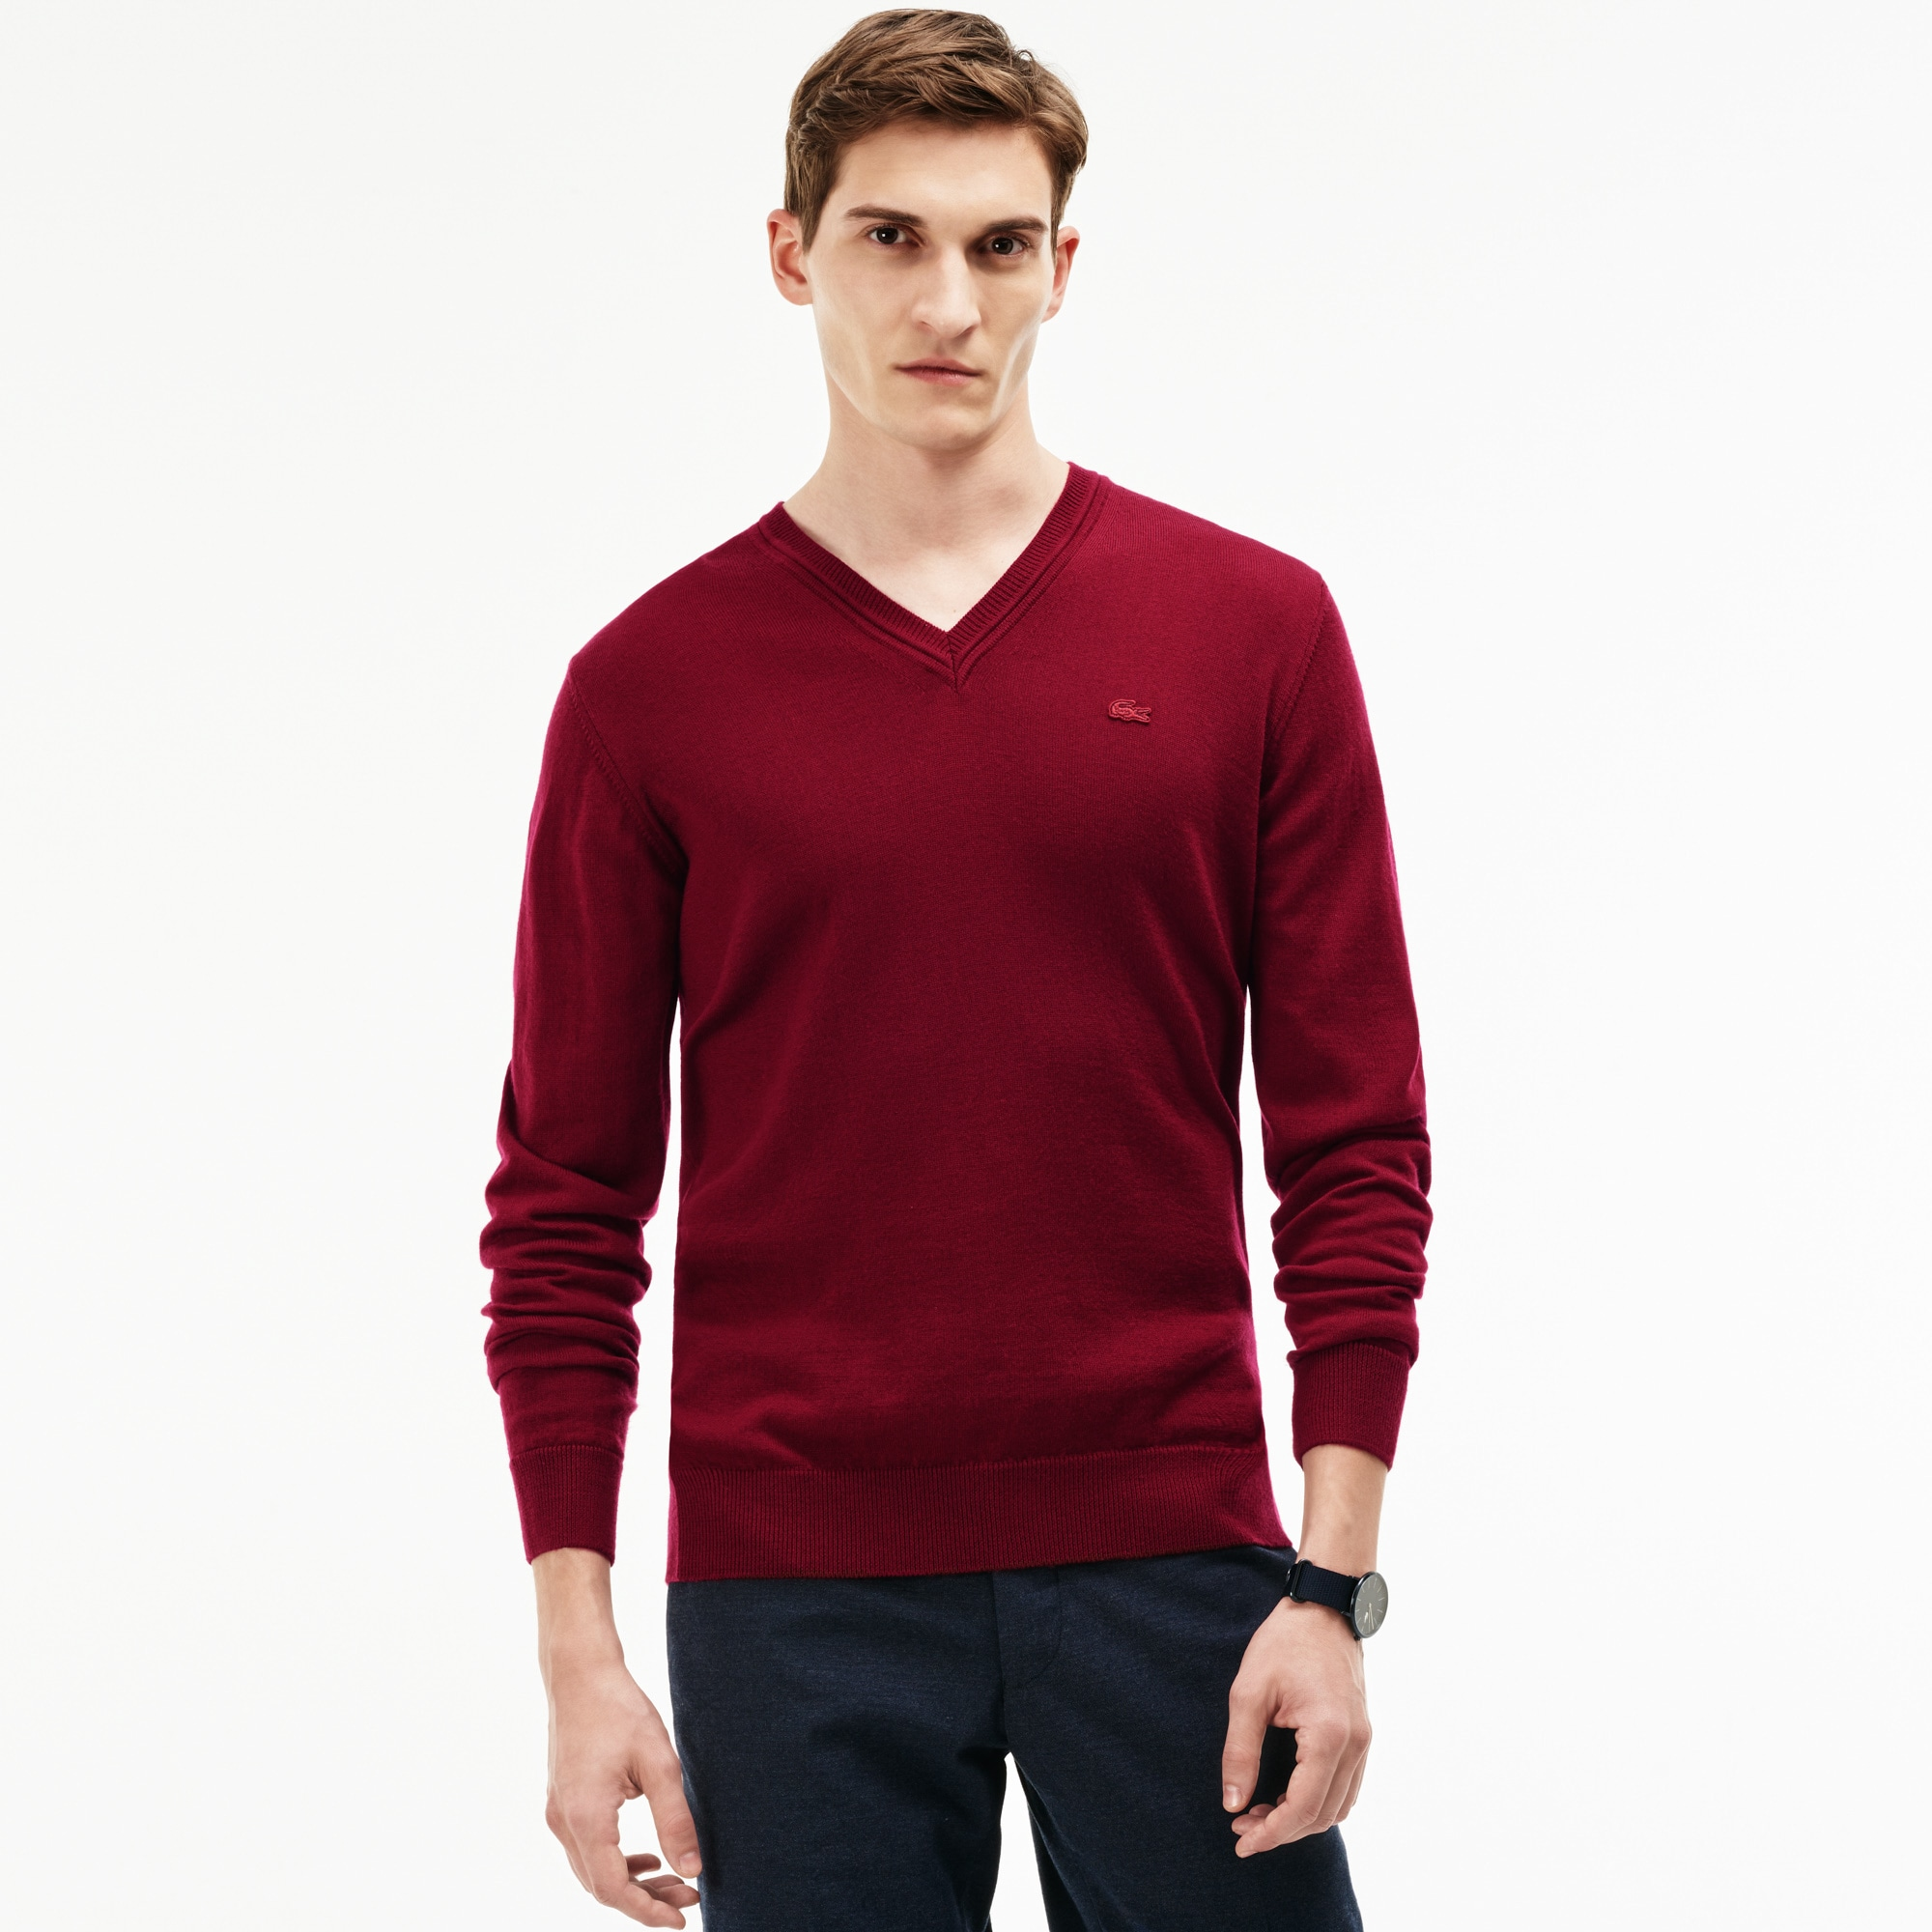 Pullover con collo a V in jersey di lana tinta unita